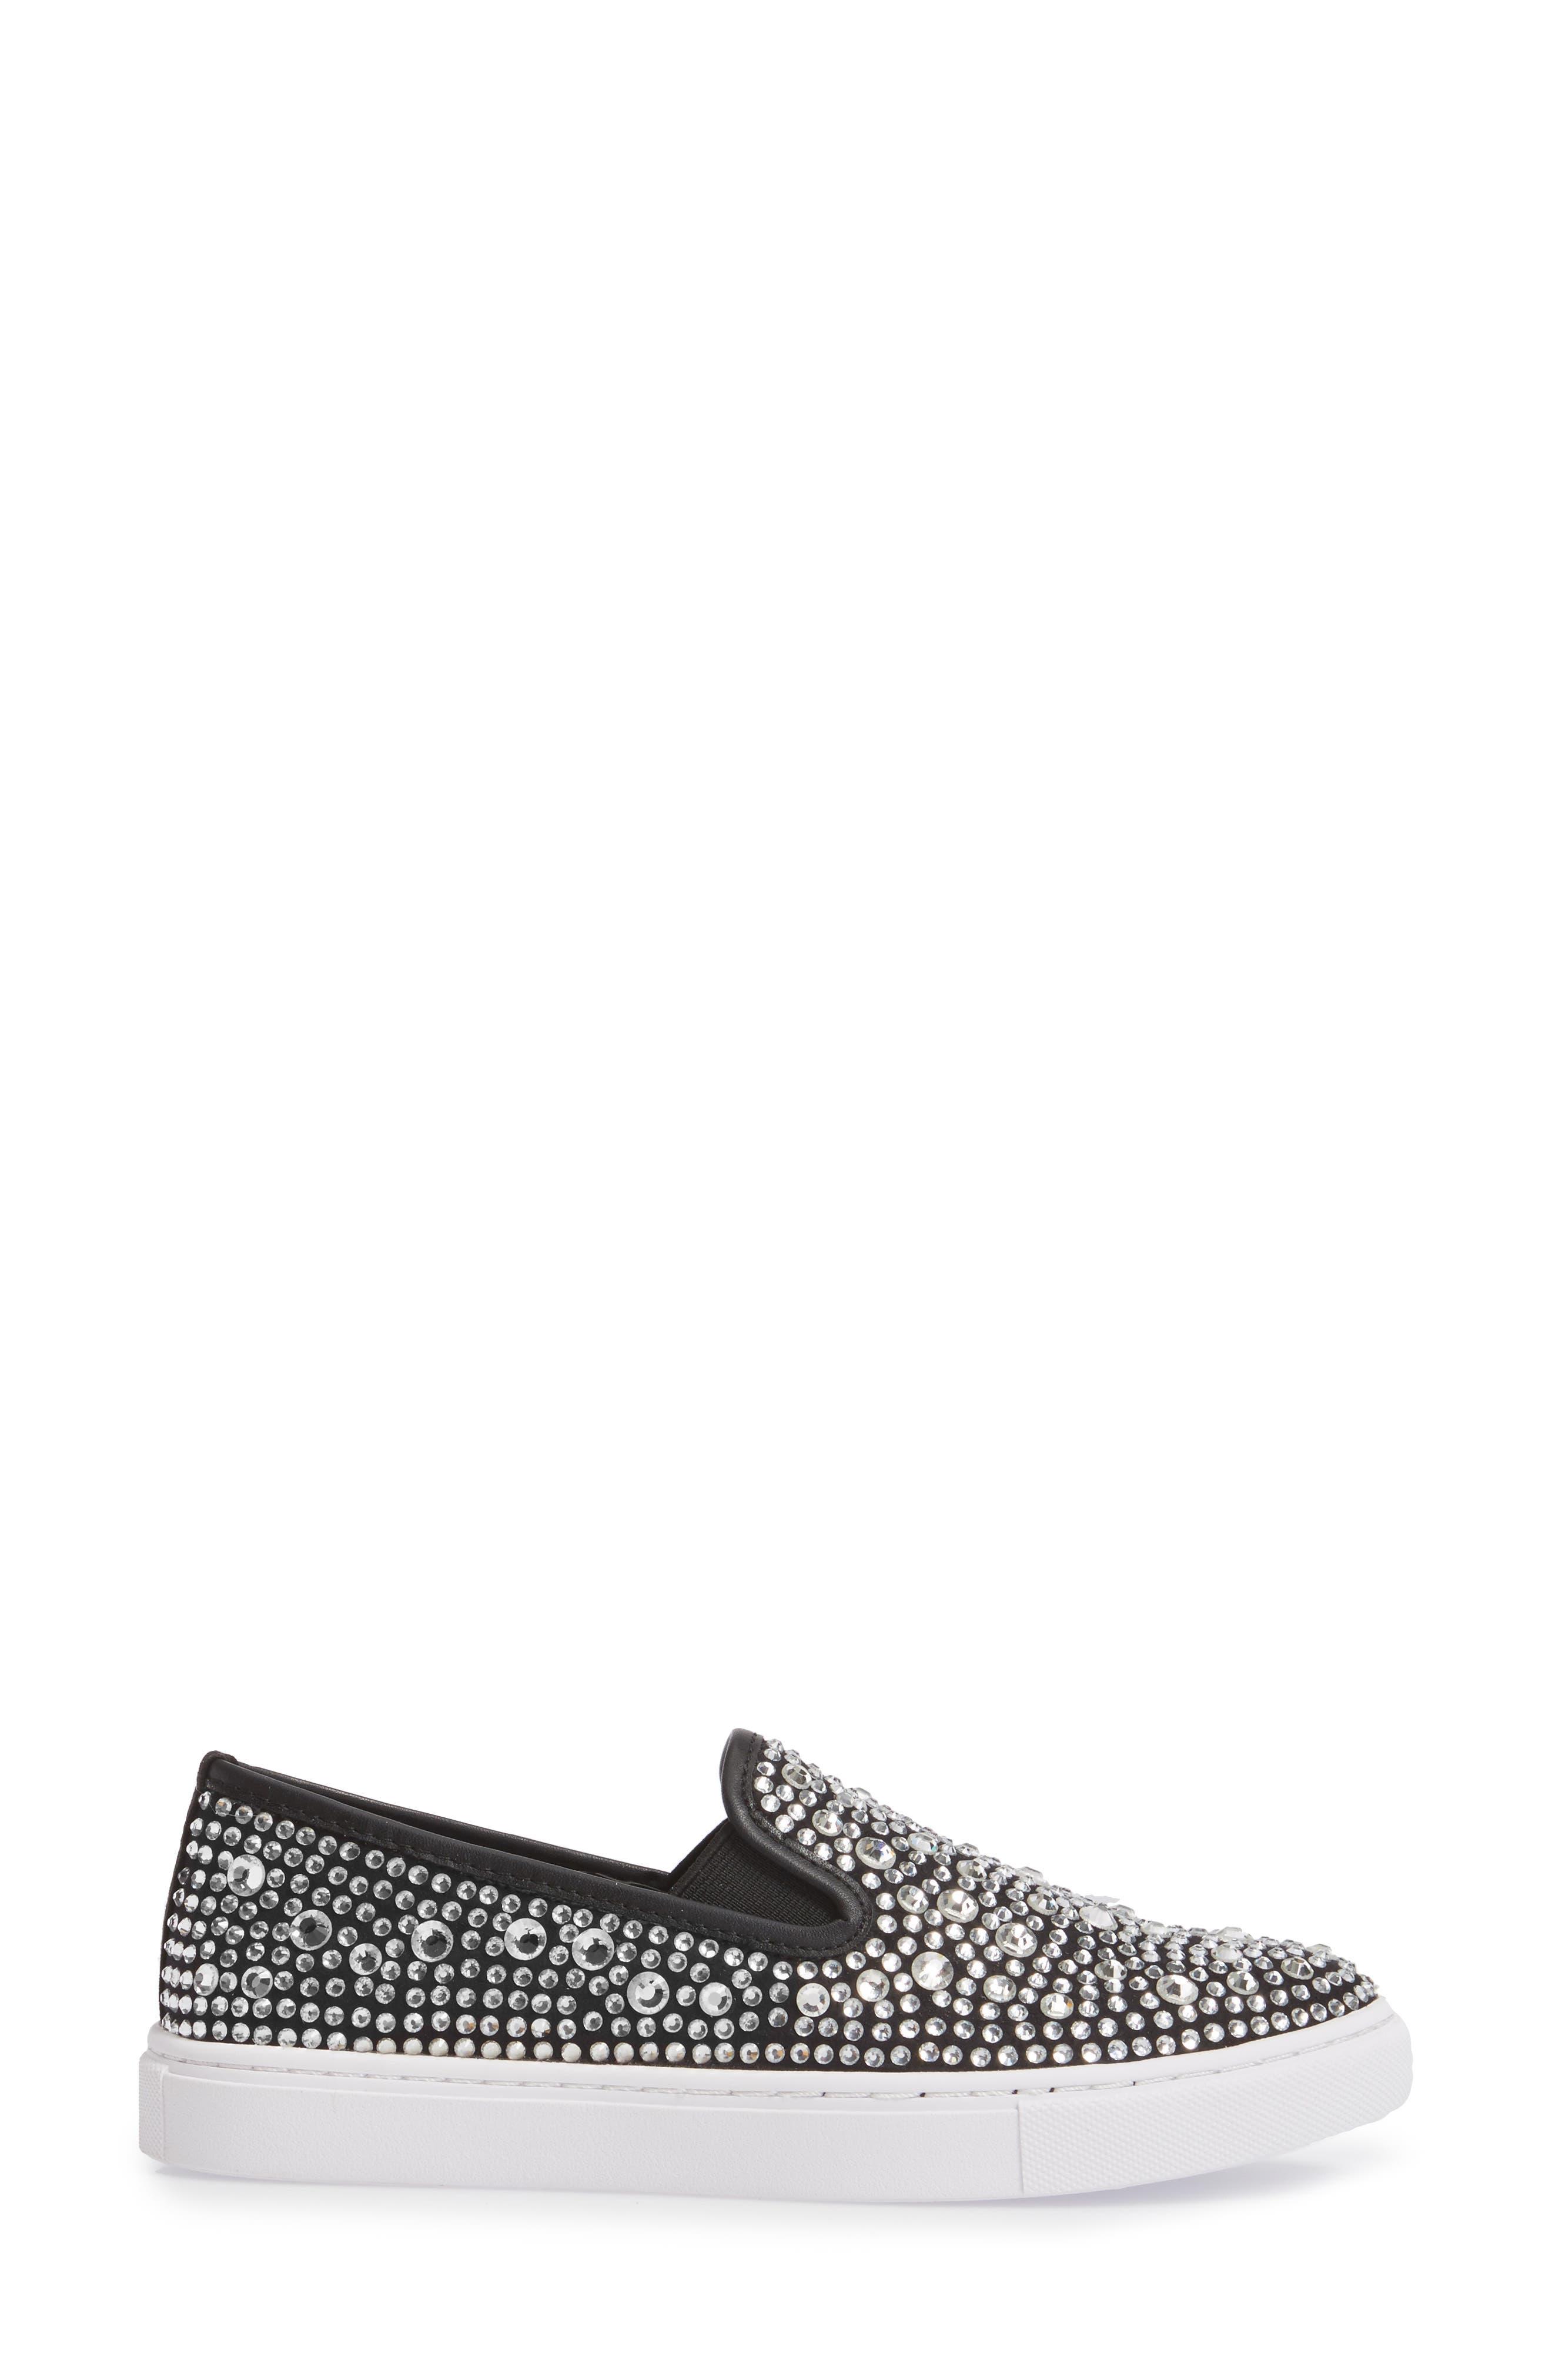 Evada Crystal Embellished Slip-On Sneaker,                             Alternate thumbnail 3, color,                             040